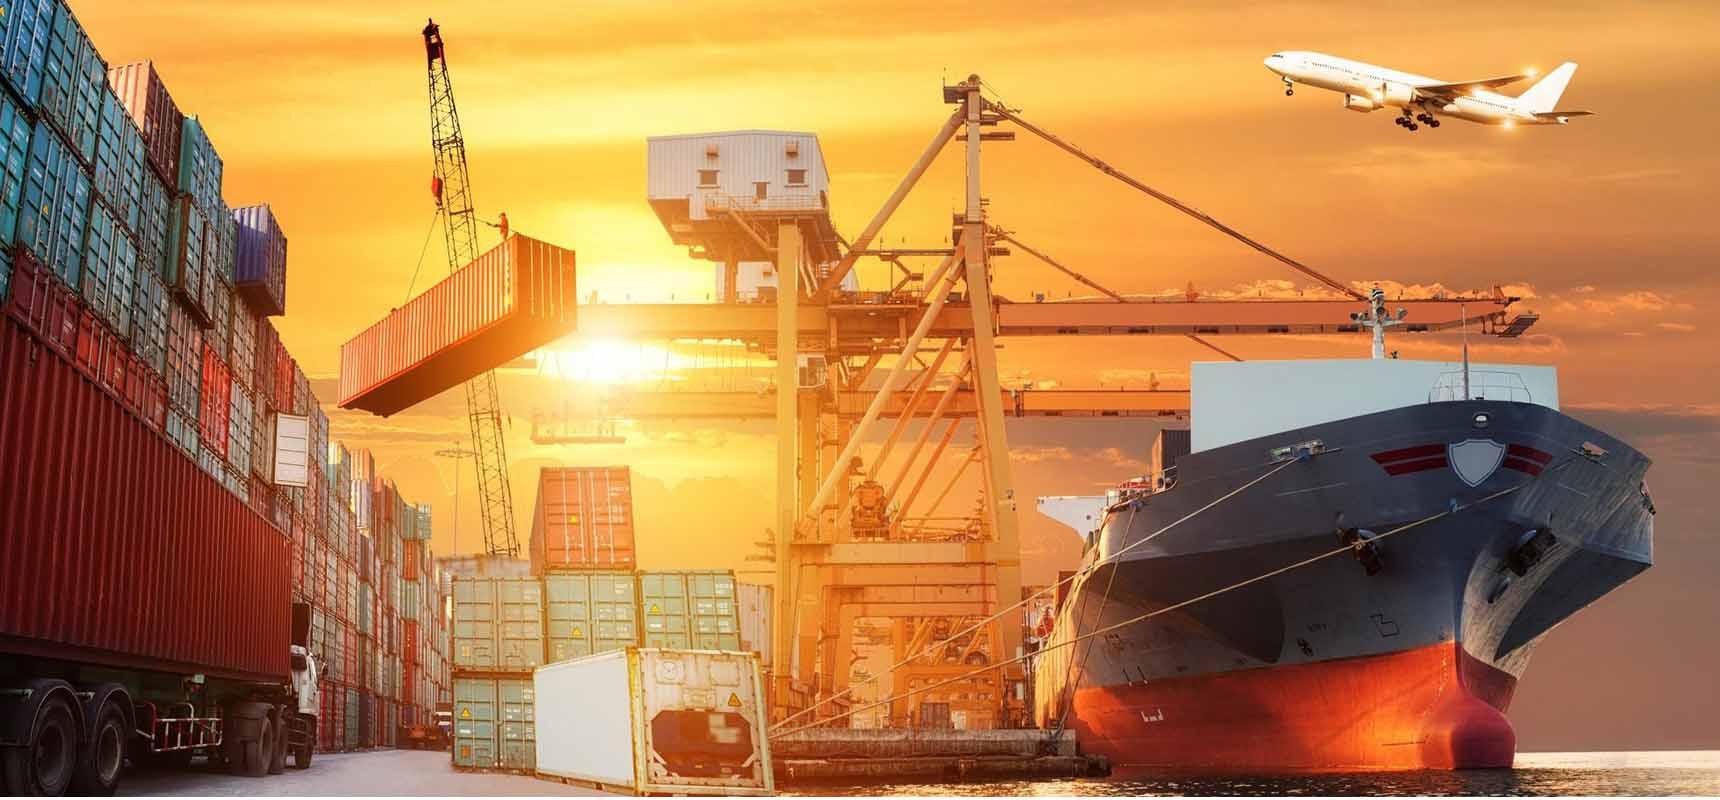 全球回收各类贵金属以及大宗电子产品回收,我们公司拥有数家海外工厂。